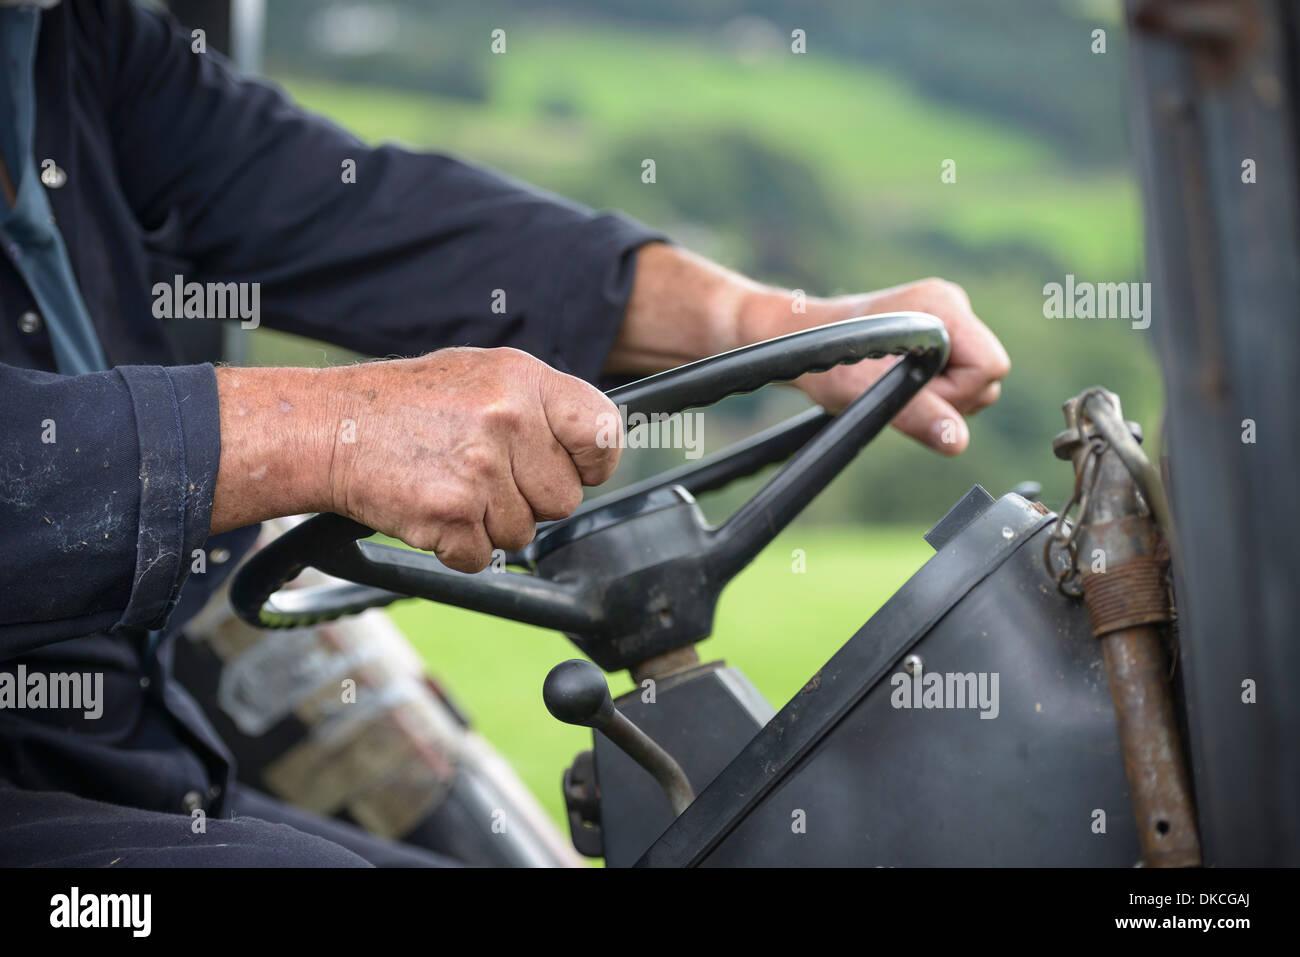 Agriculteur mature dans la cabine du tracteur, Close up Banque D'Images